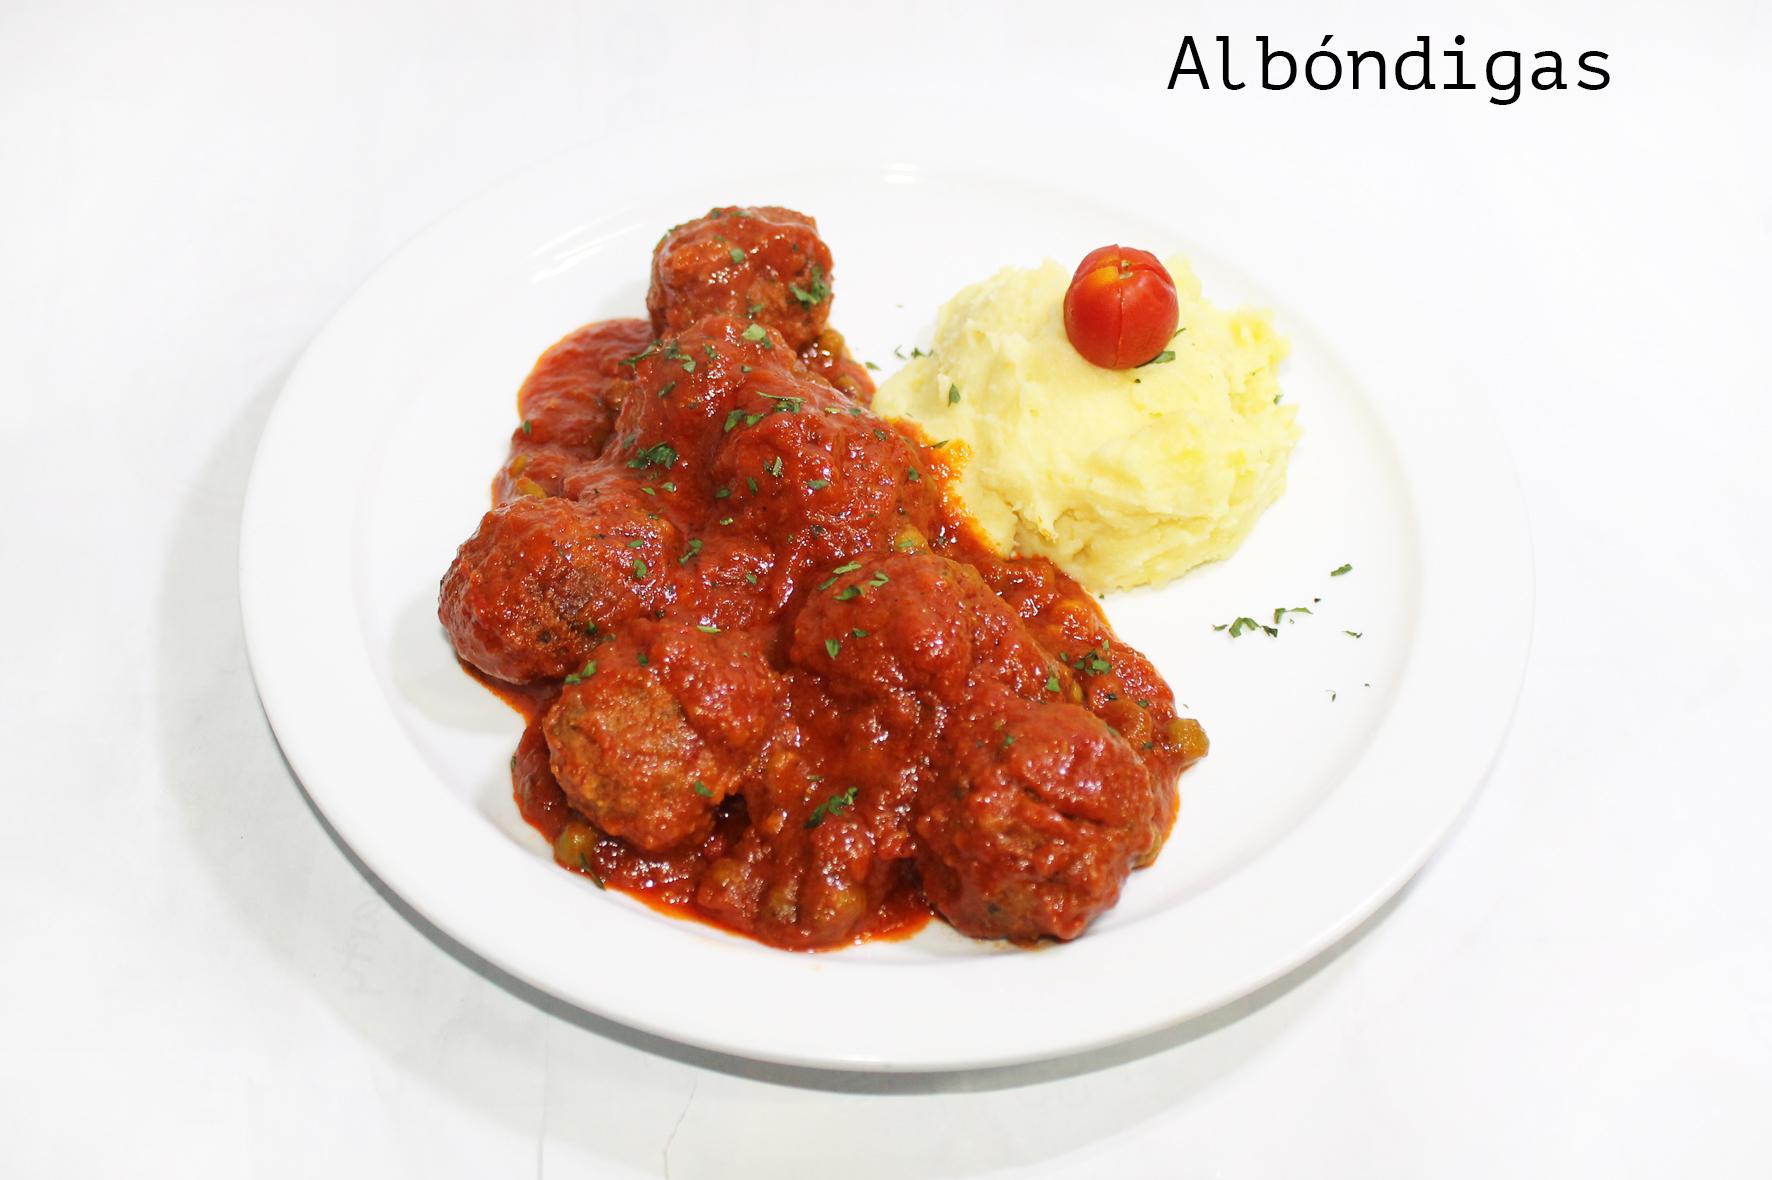 Albondigas1